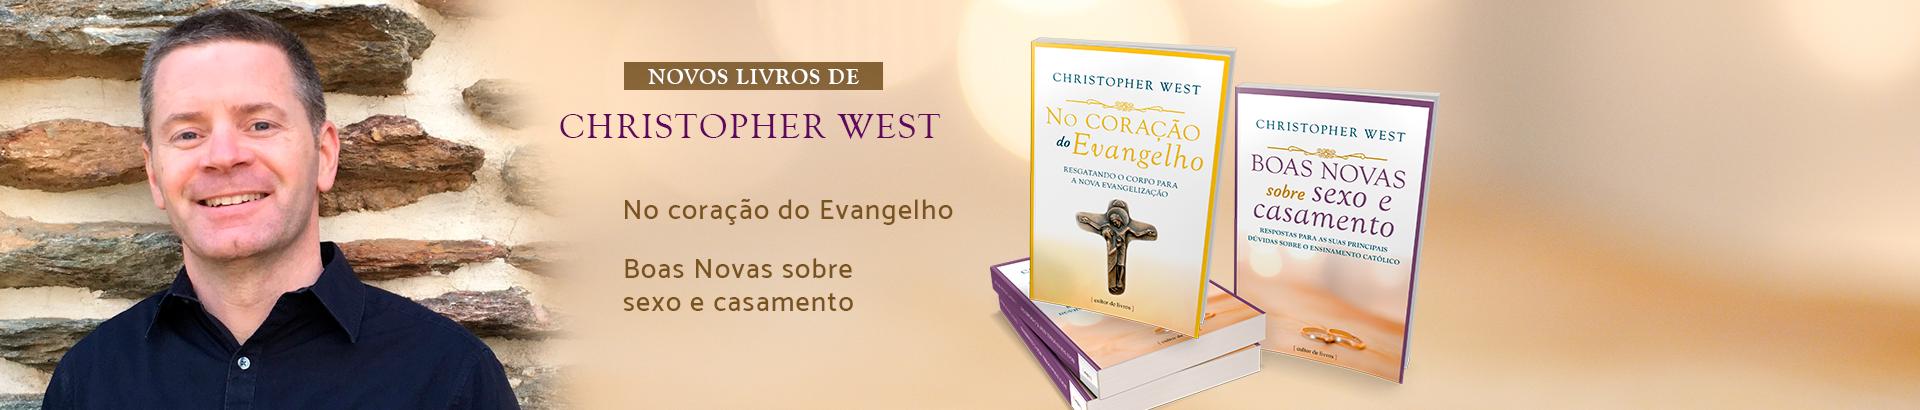 Novos livros de Christopher West